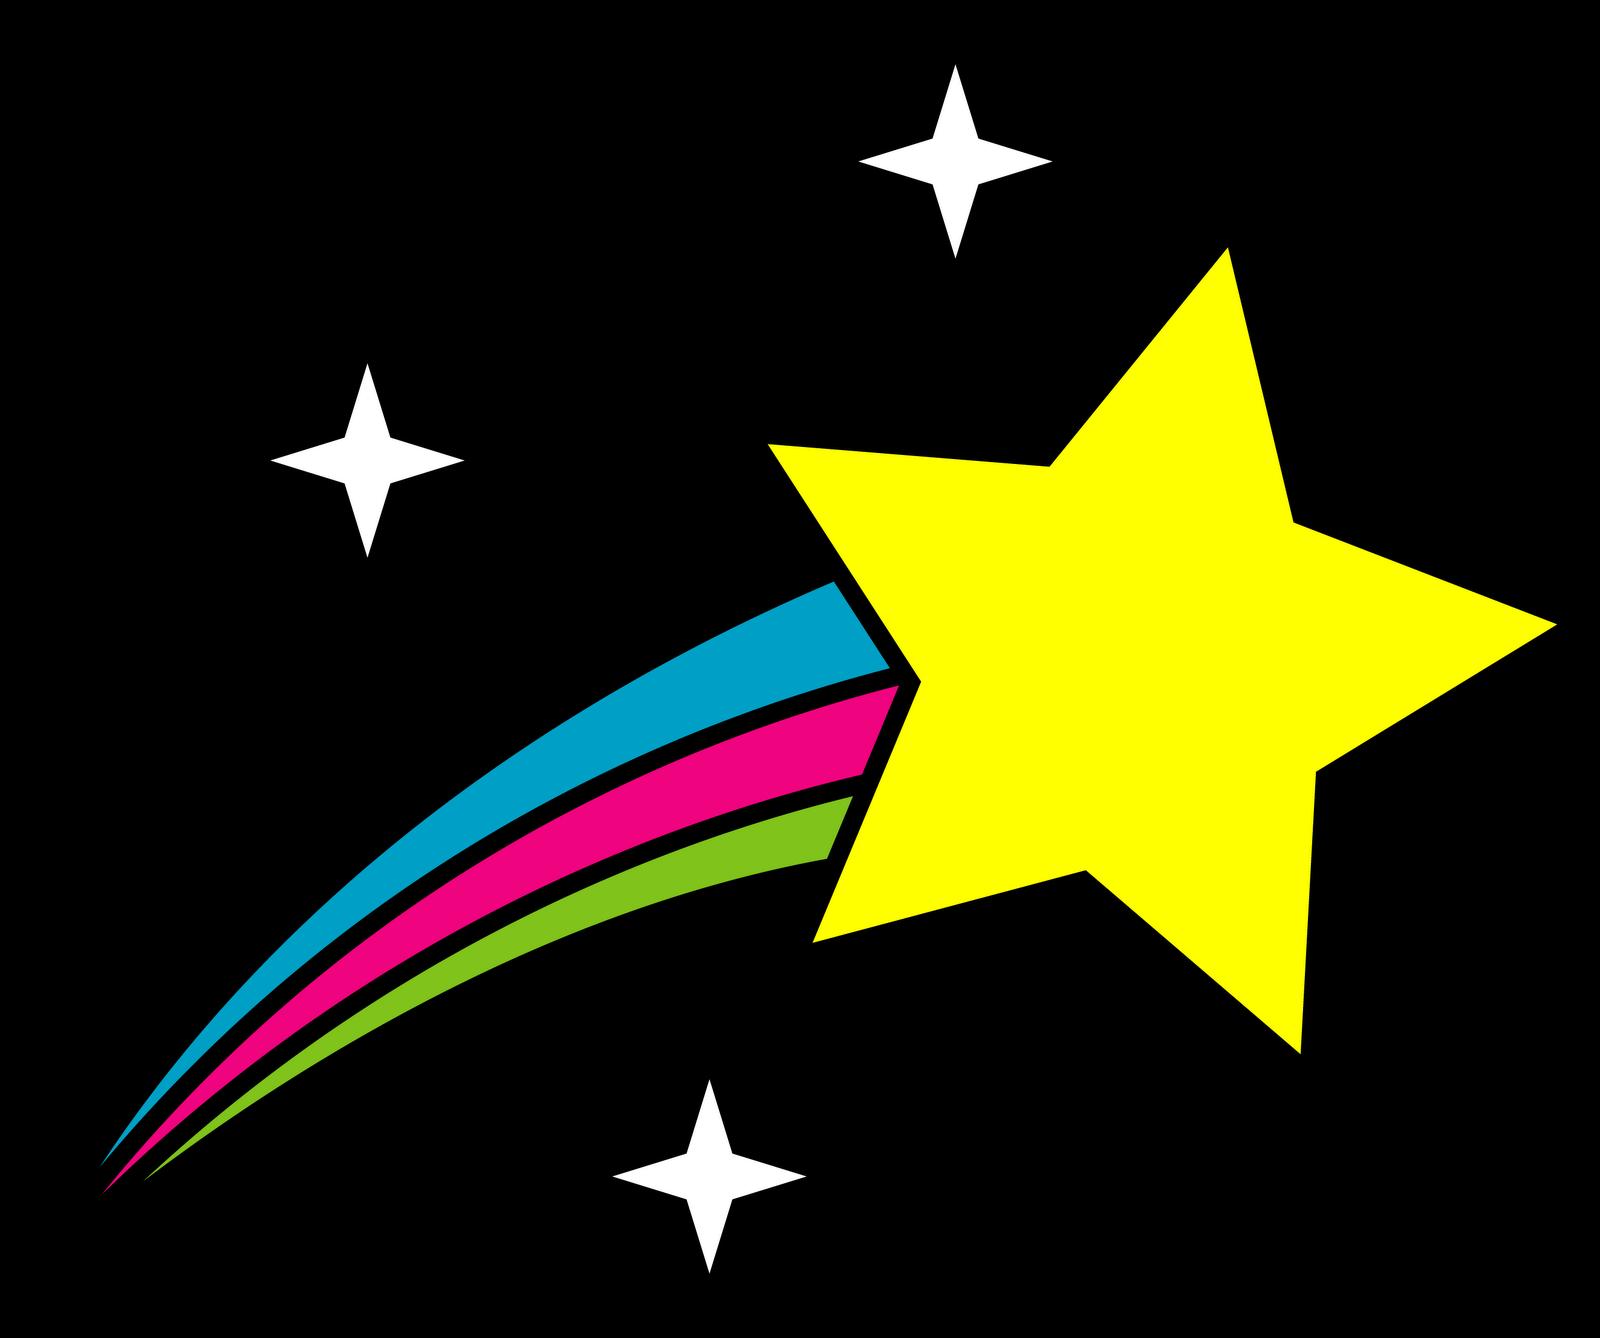 1600x1338 Drawn Falling Stars Drawing